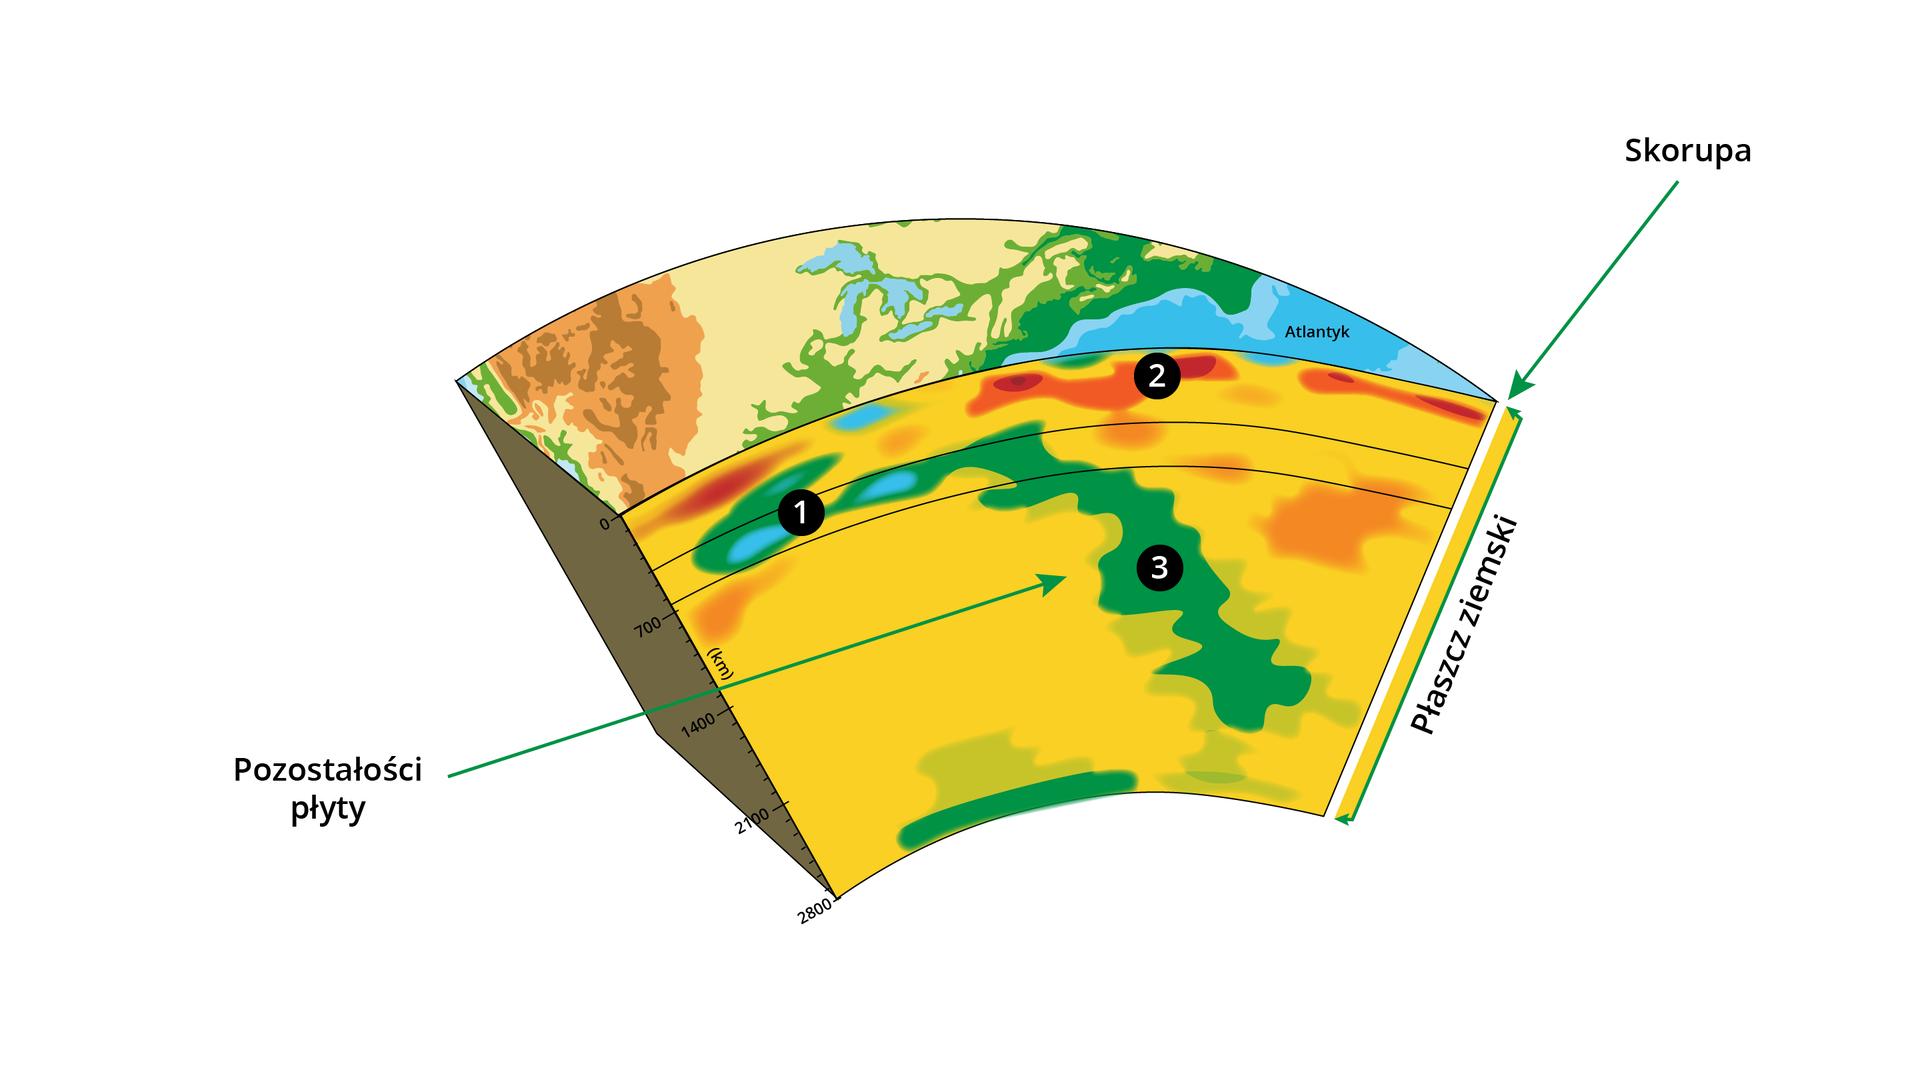 Ilustracja przedstawia przekrój przez warstwy Ziemi. Na powierzchni jest Atlantyk wraz zfragmentem lądu. Blisko powierzchni ziemi - najbardziej zewnętrzna warstwa - to skorupa. Ma grubość od 10-70 kilometrów. Pomiędzy skorupą ziemi ajądrem ziemi leży płaszcz ziemski. Ilustracja pokazuje, że ma grubość około 2000 kilometrów. Wśrodkowej części płaszcza ziemskiego zaznaczono strzałką pozostałości płyty - to wąski, schodzący wgłąb płaszcza fragment terenu.